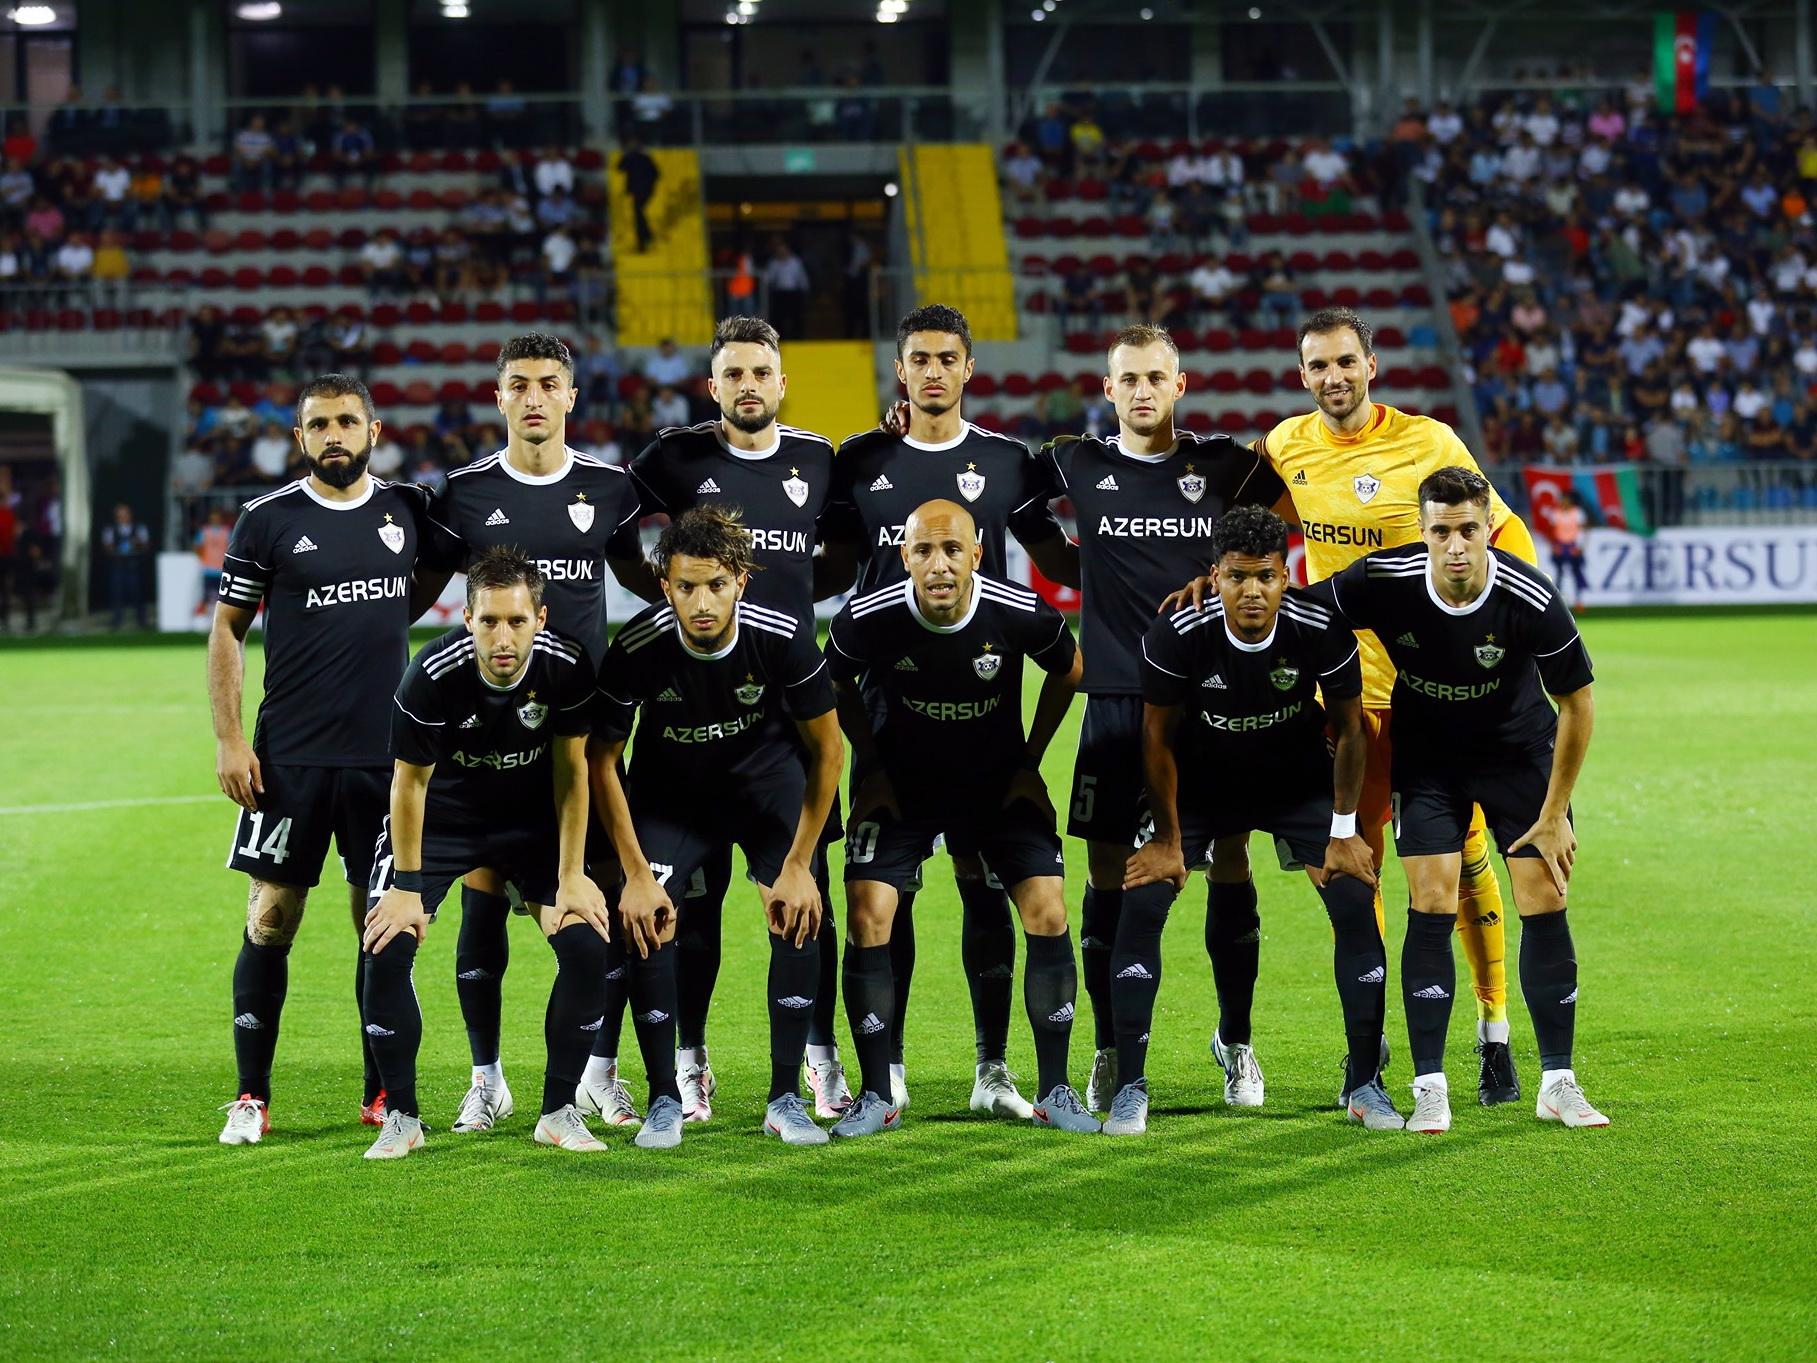 «Карабах» избежал матча против «Аякса» в третьем раунде квалификации Лиги чемпионов